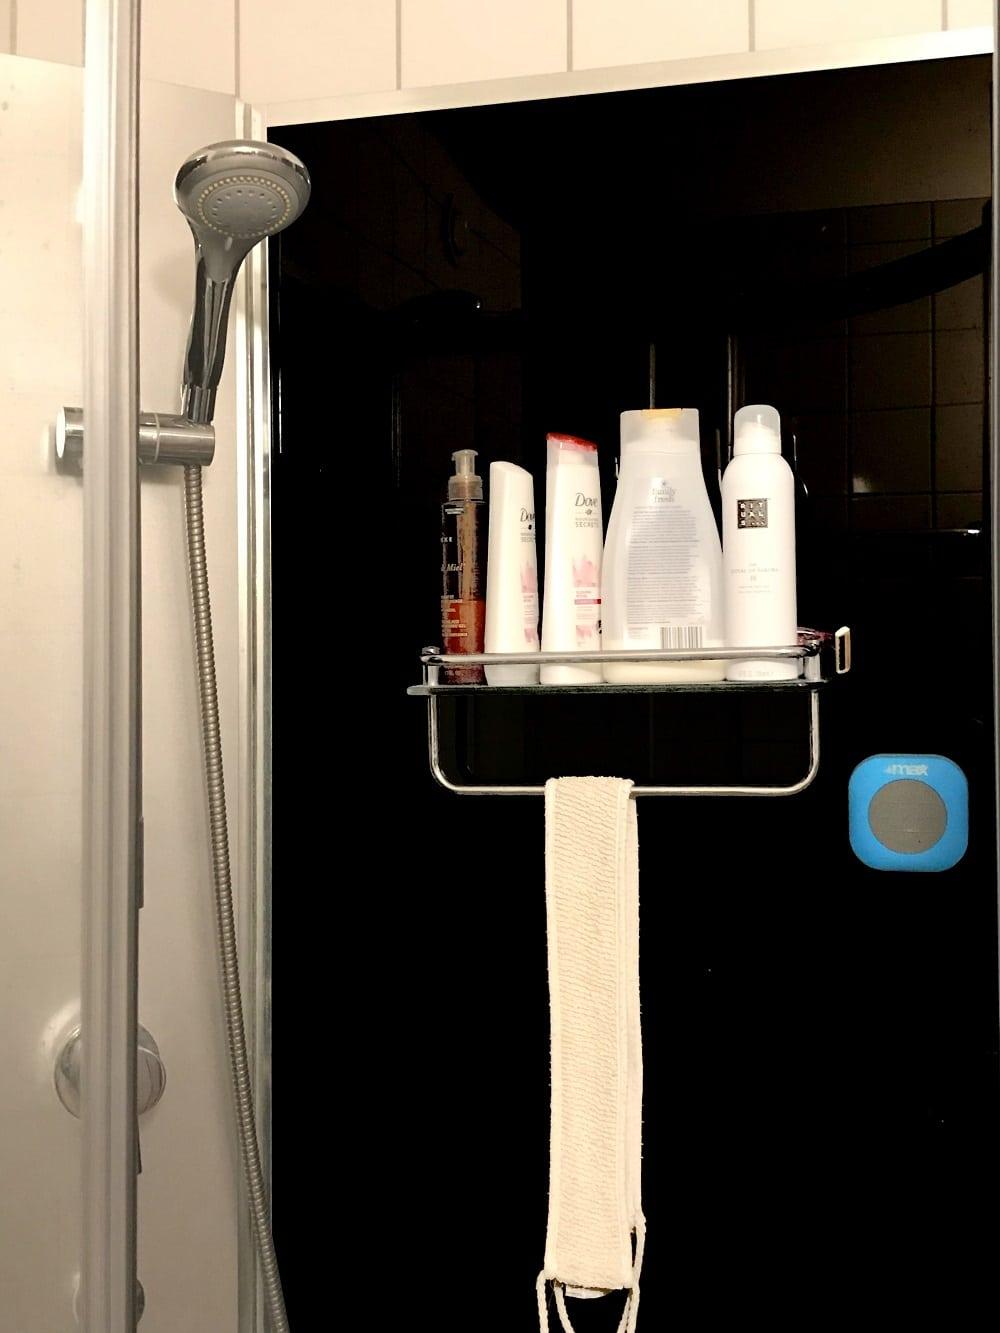 Badrumshögtalare i duschen